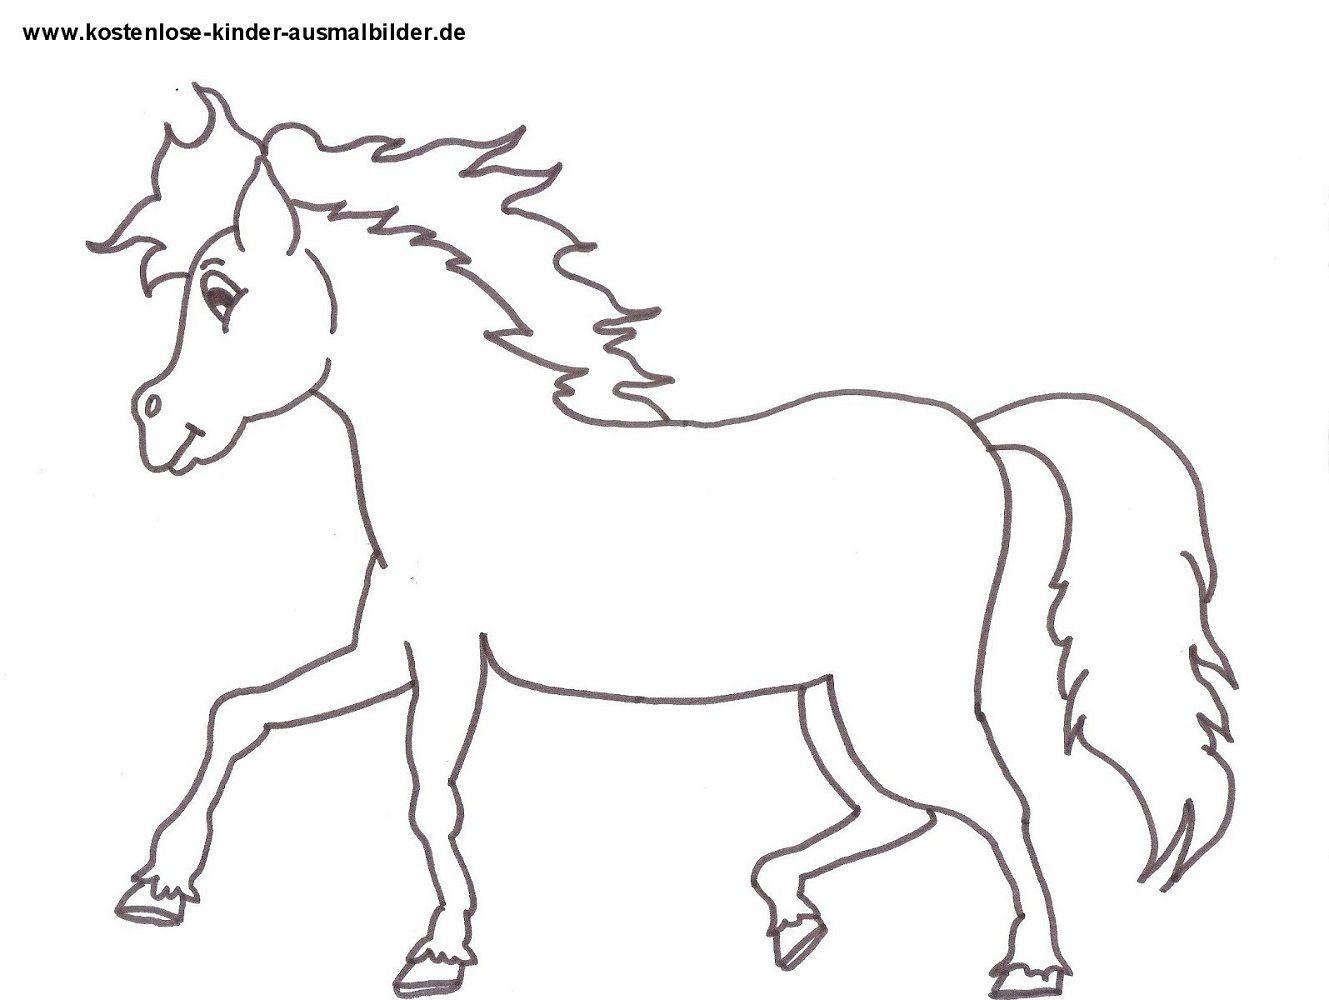 Ausmalbilder Pferd Ausdrucken : Ausmalbilder Pferde Gratis Ausmalbilder Pferde Kostenlos Zum